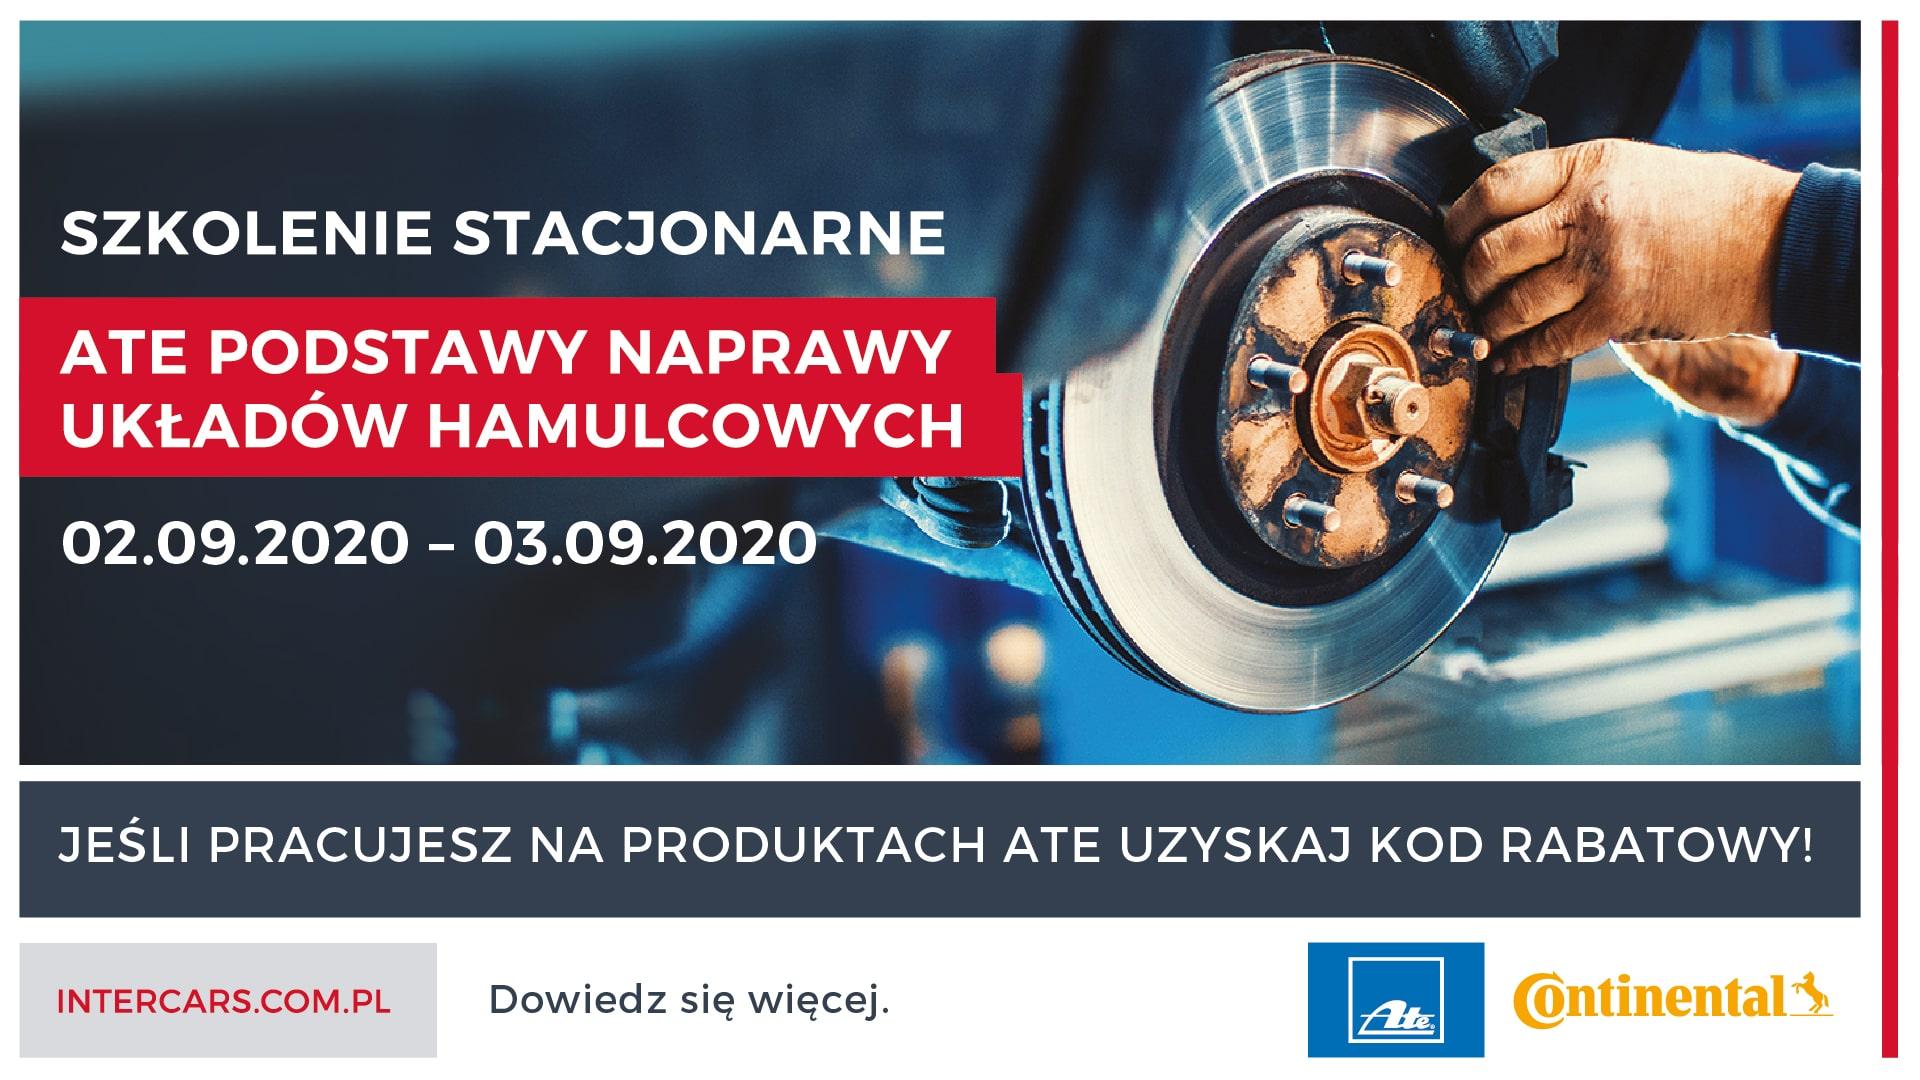 szkolenia_ate_podstawy_naprawy_ukladow_hamulcowych_02-09-2020_03-09-2020_1920x1080_mail-min.jpg